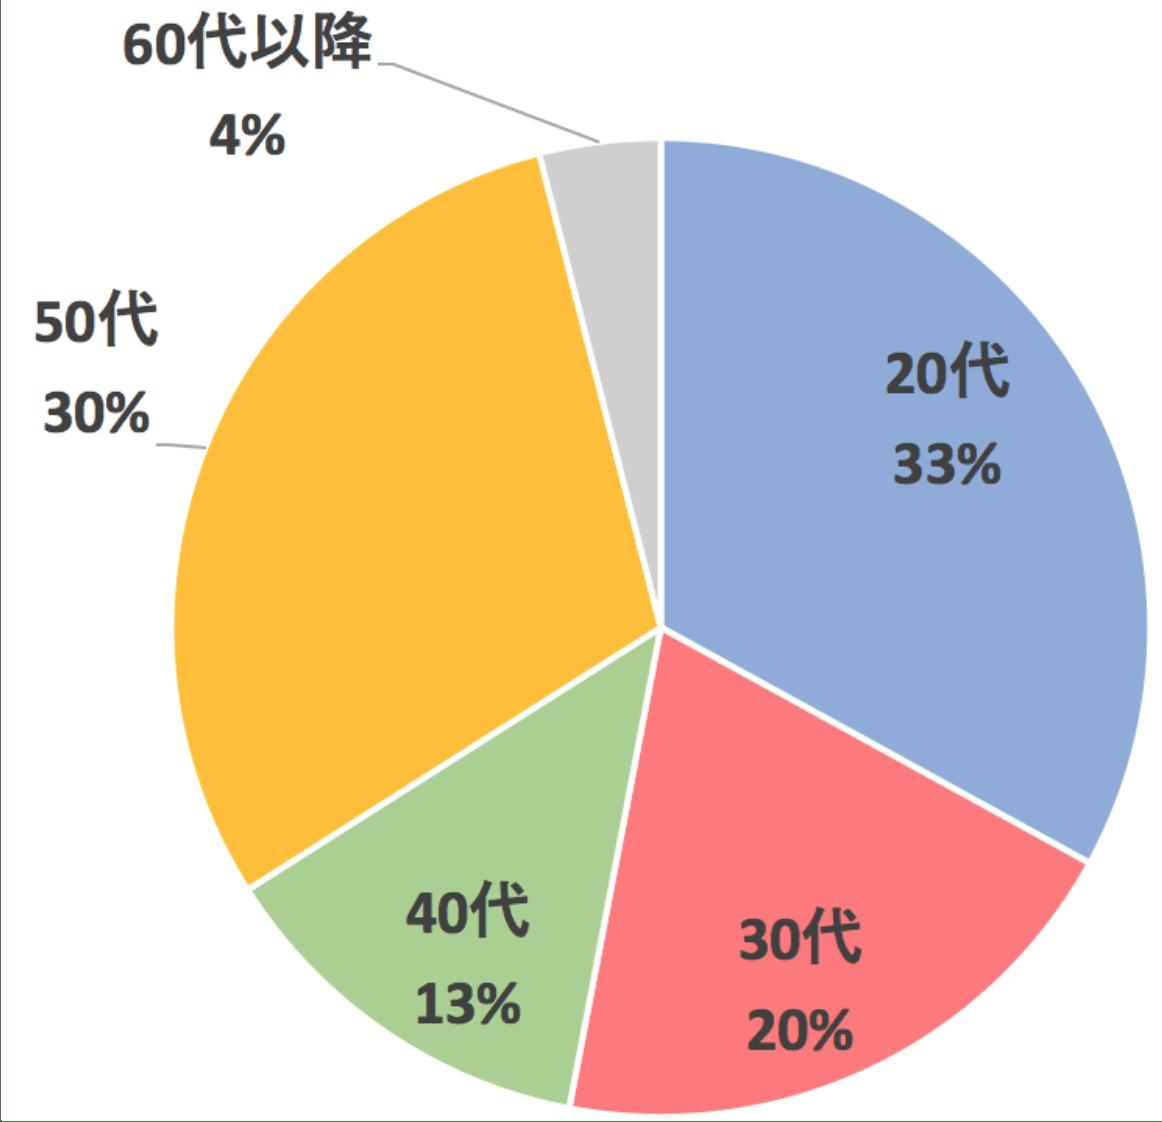 B3ダイエット名古屋スタジオ顧客年代別グラフ